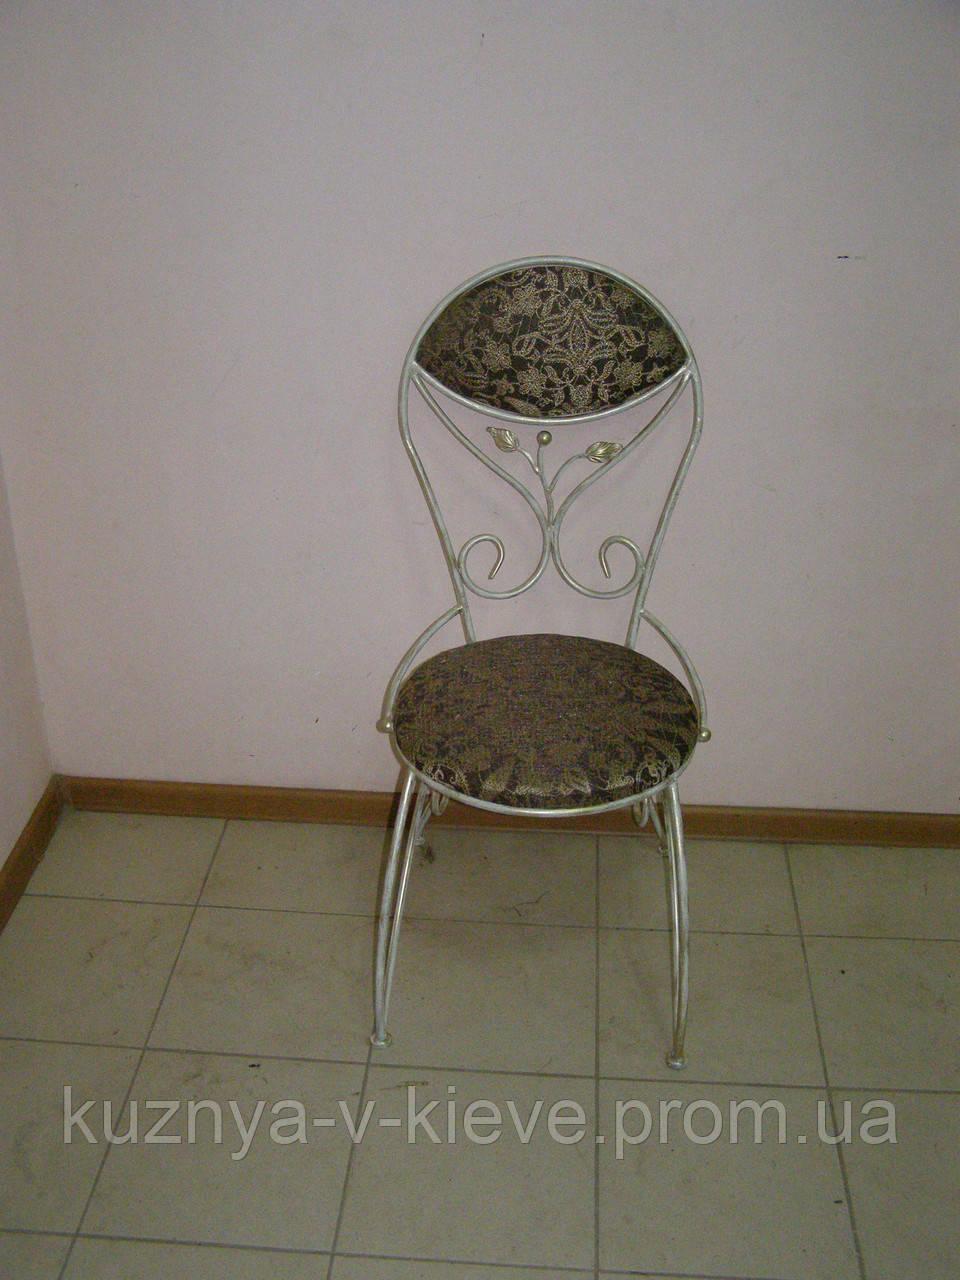 Кованый стул Вишня